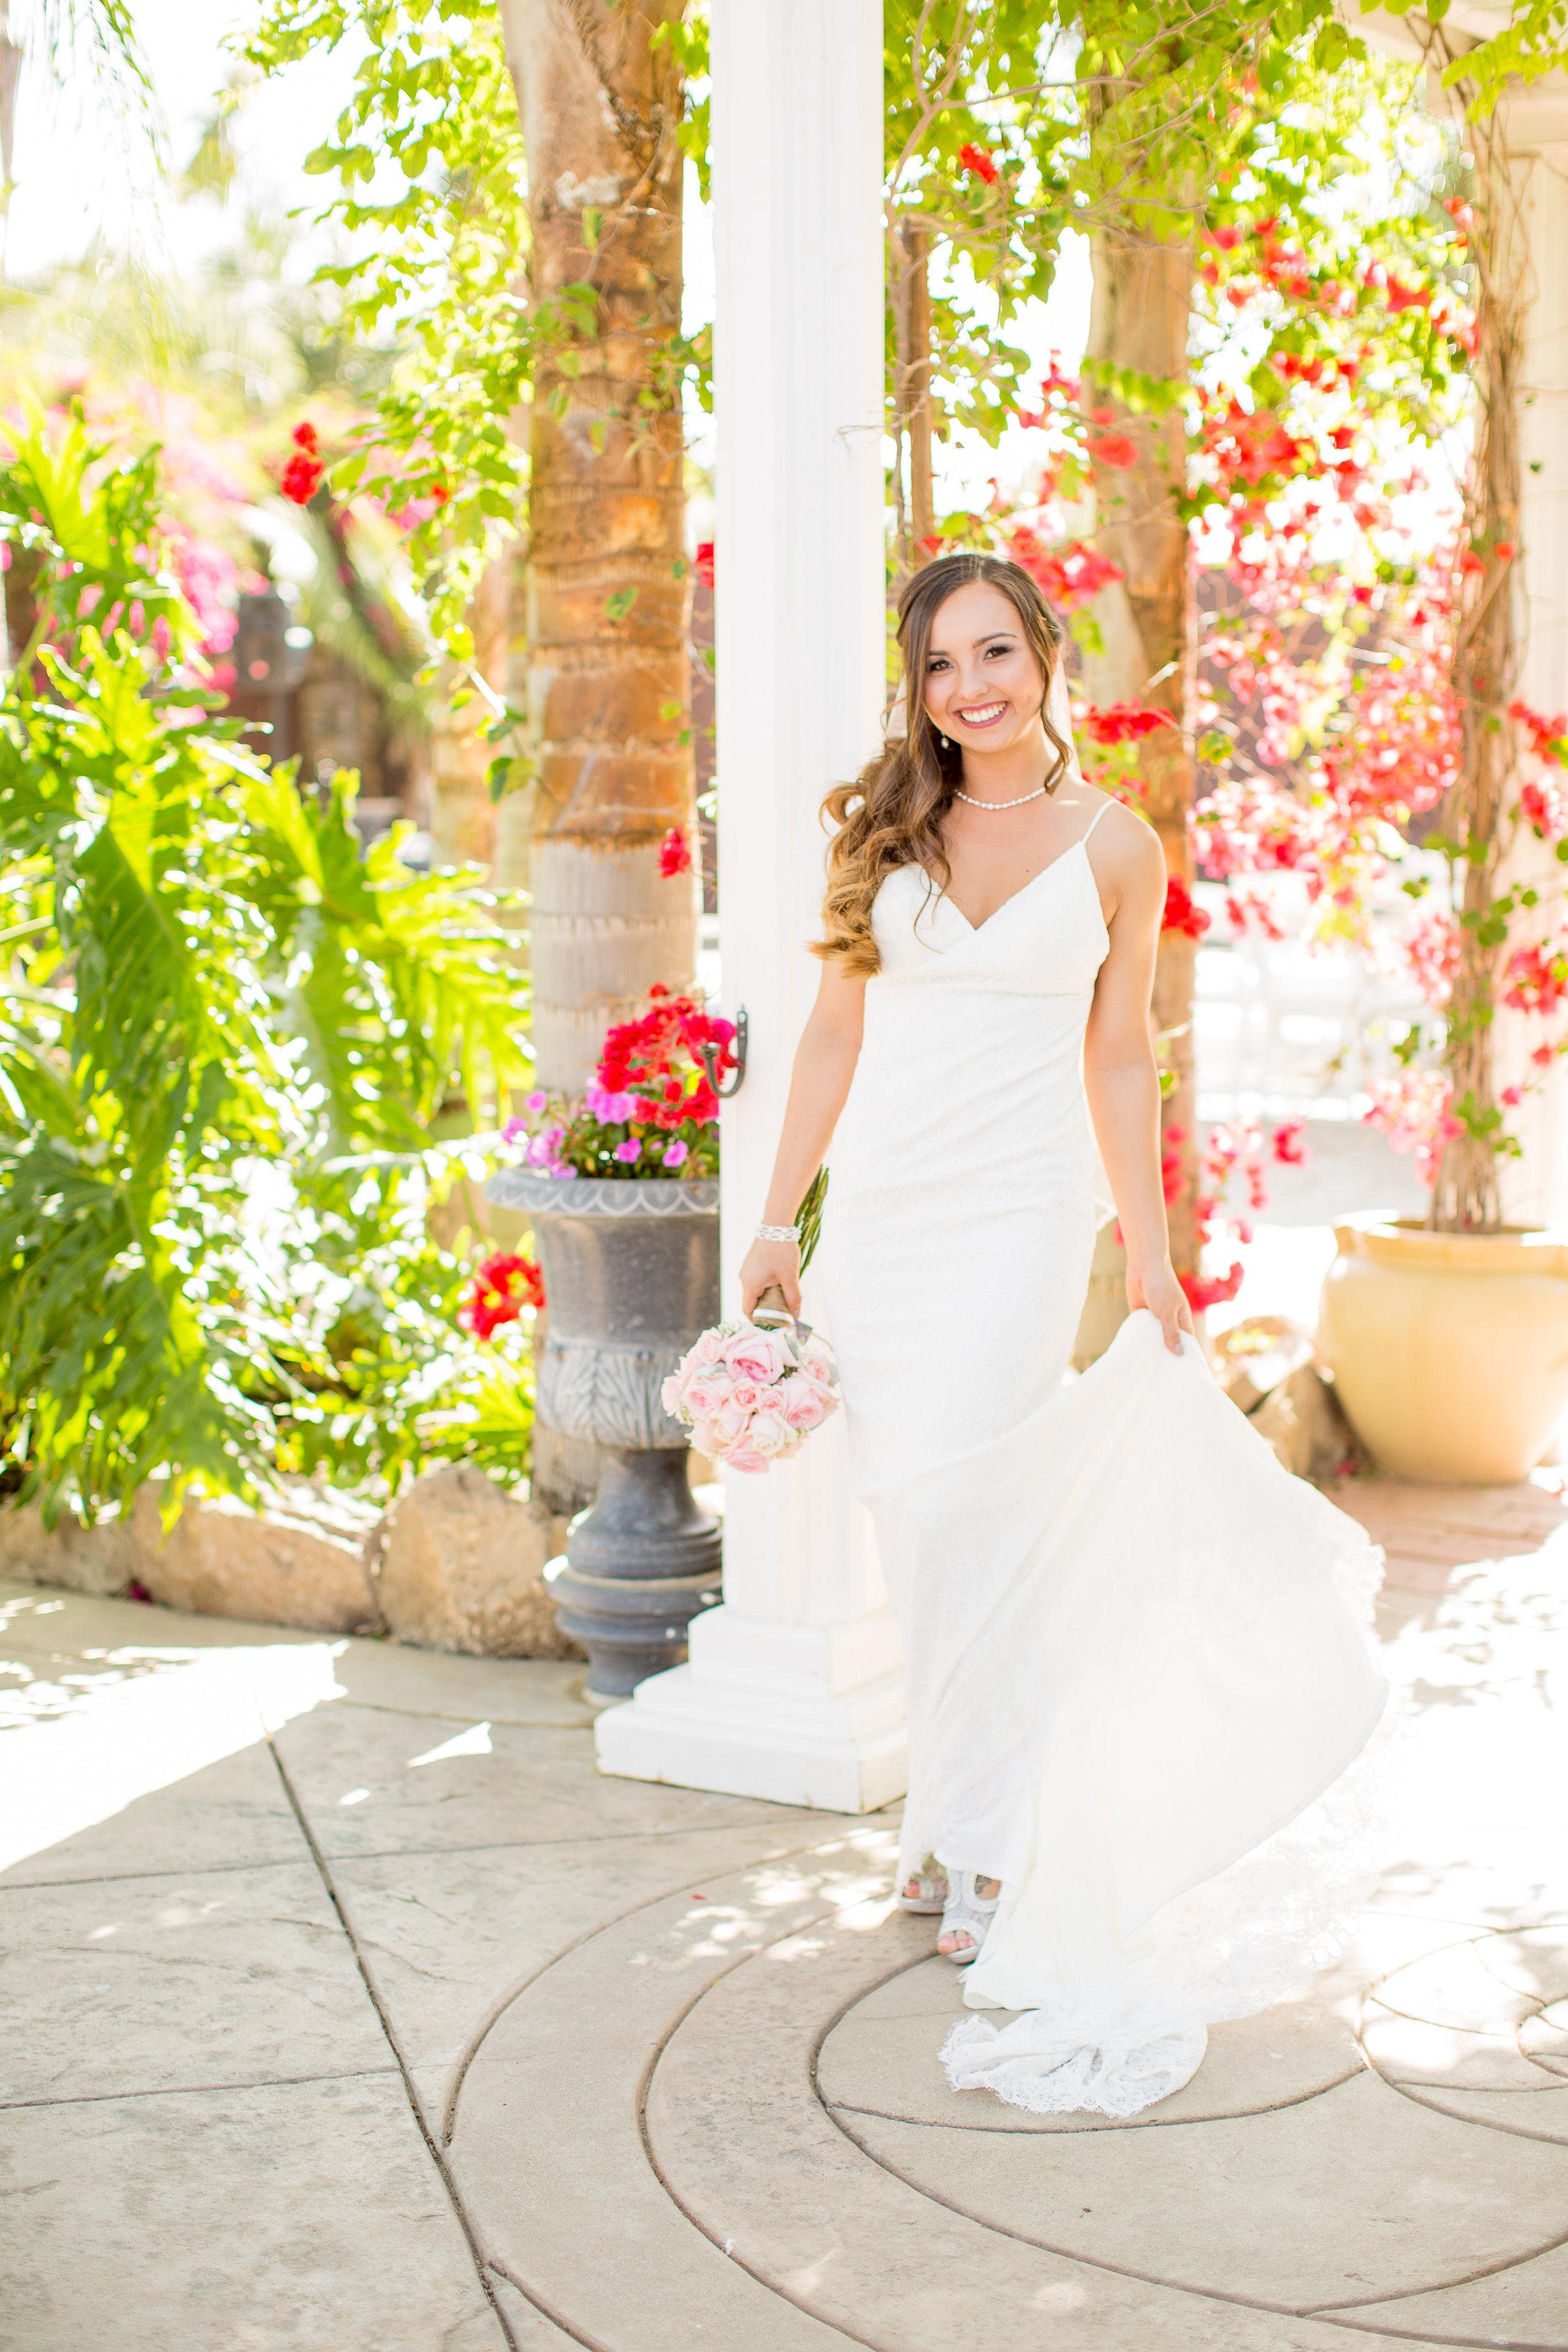 kyle_paige_moorpark_wedding-192.jpg